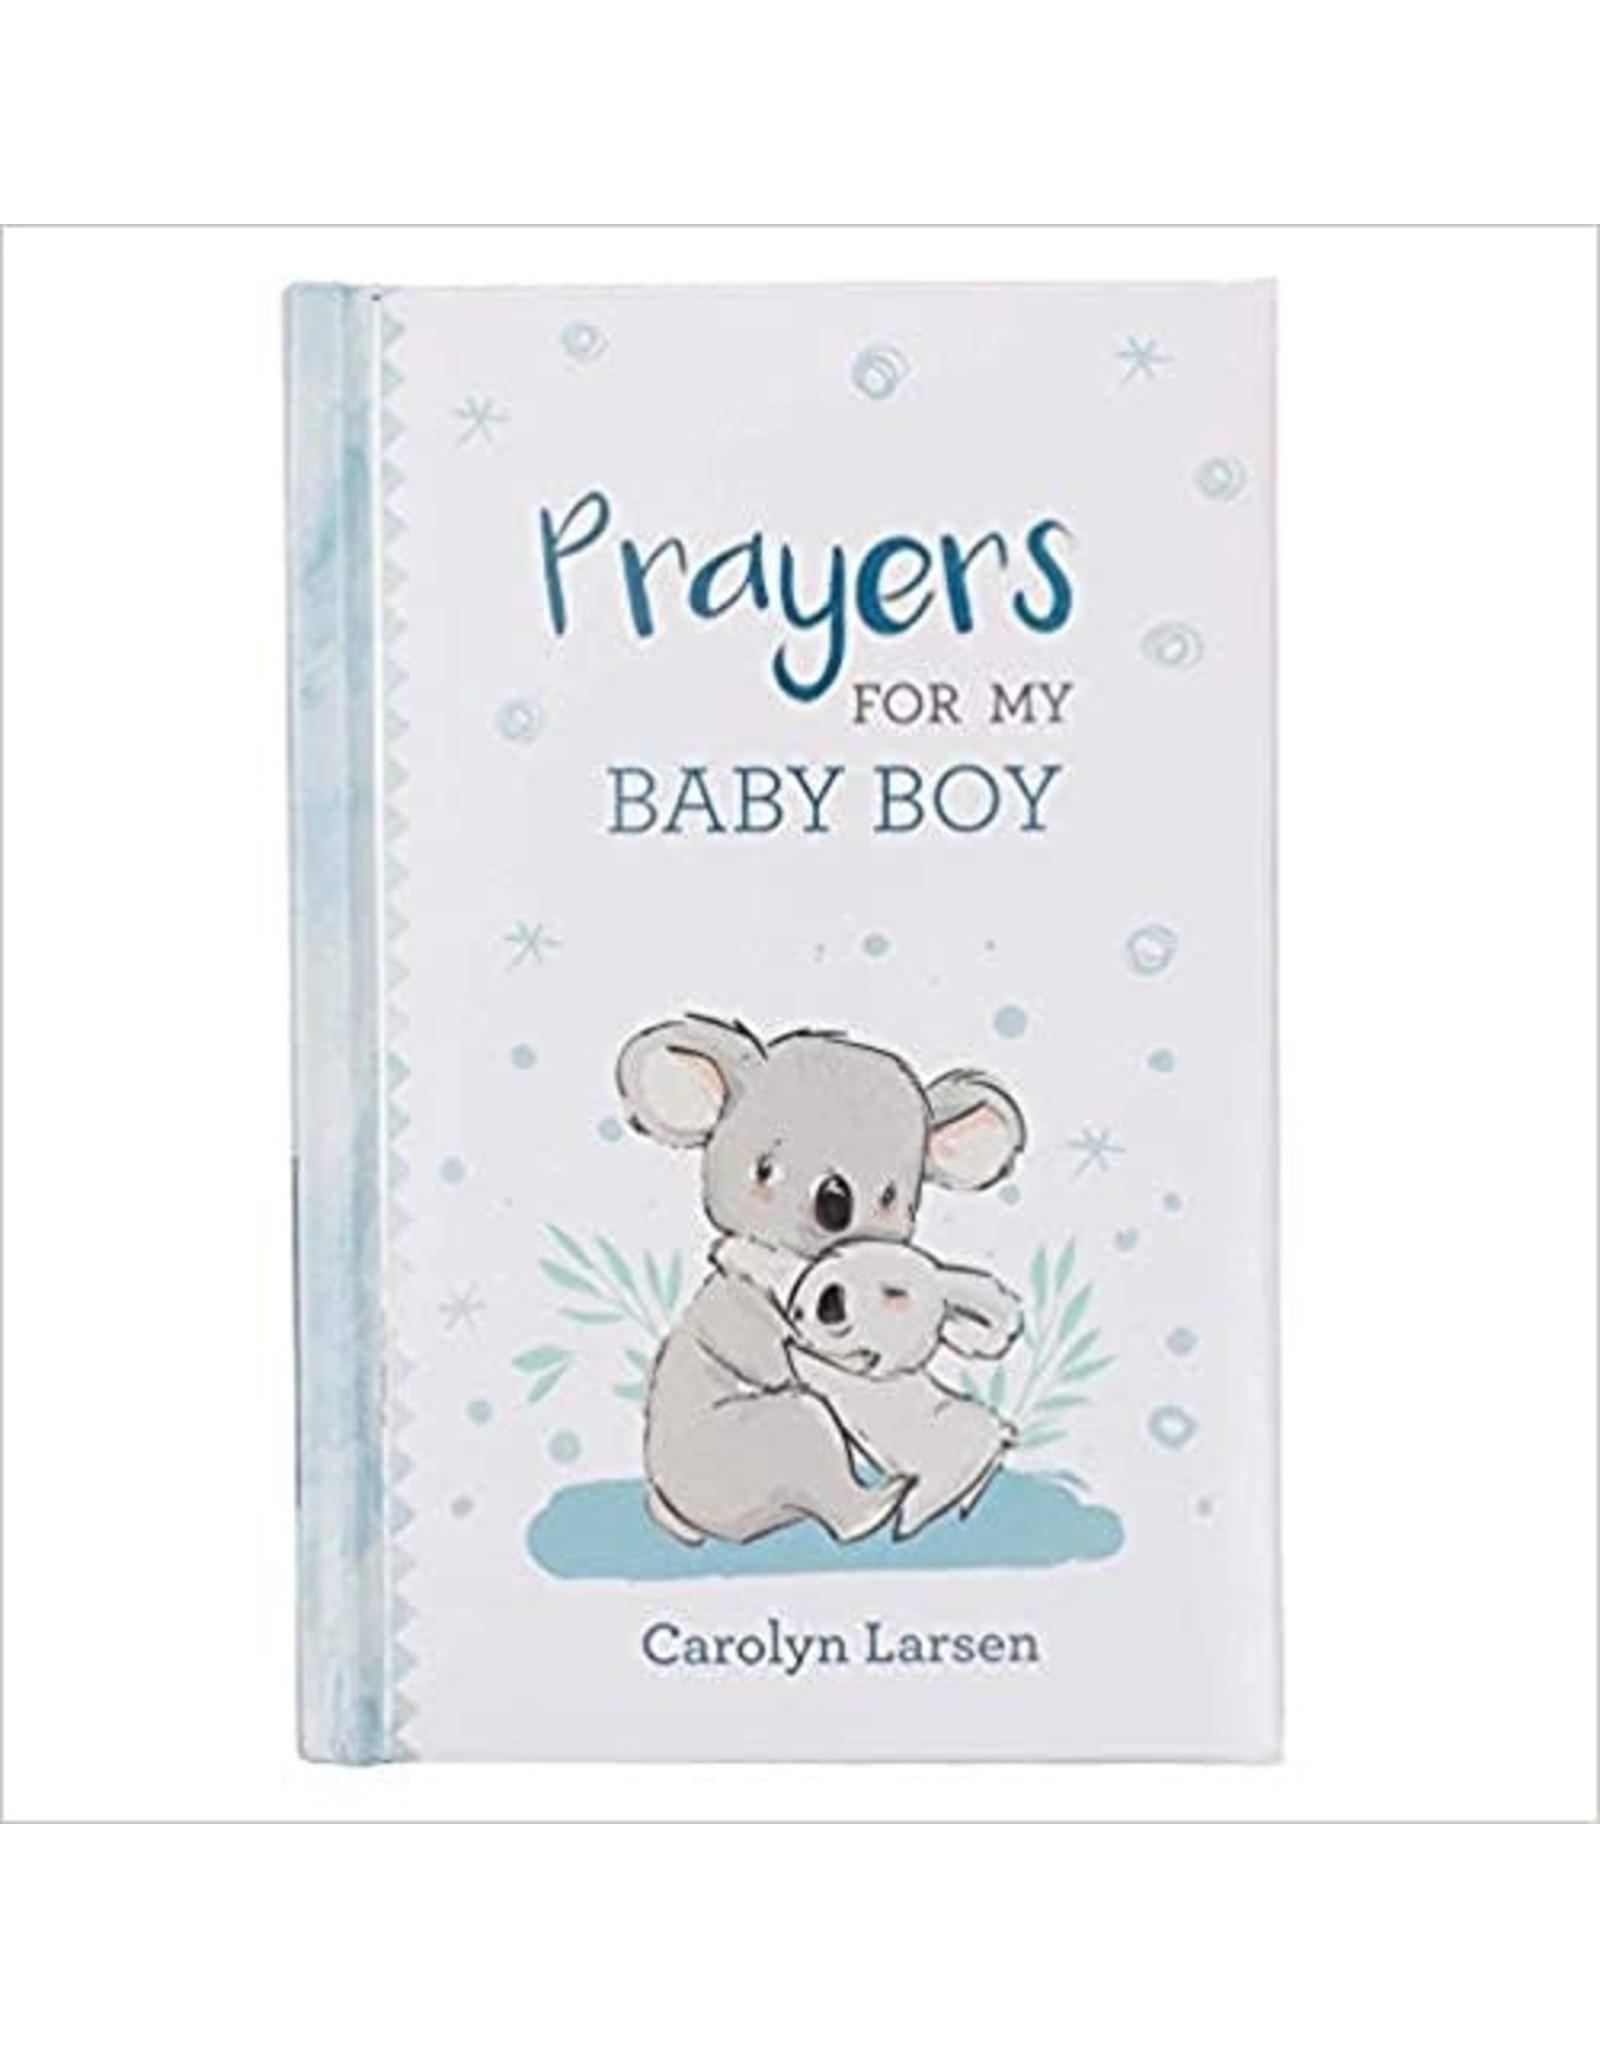 Prayers for Baby Boy